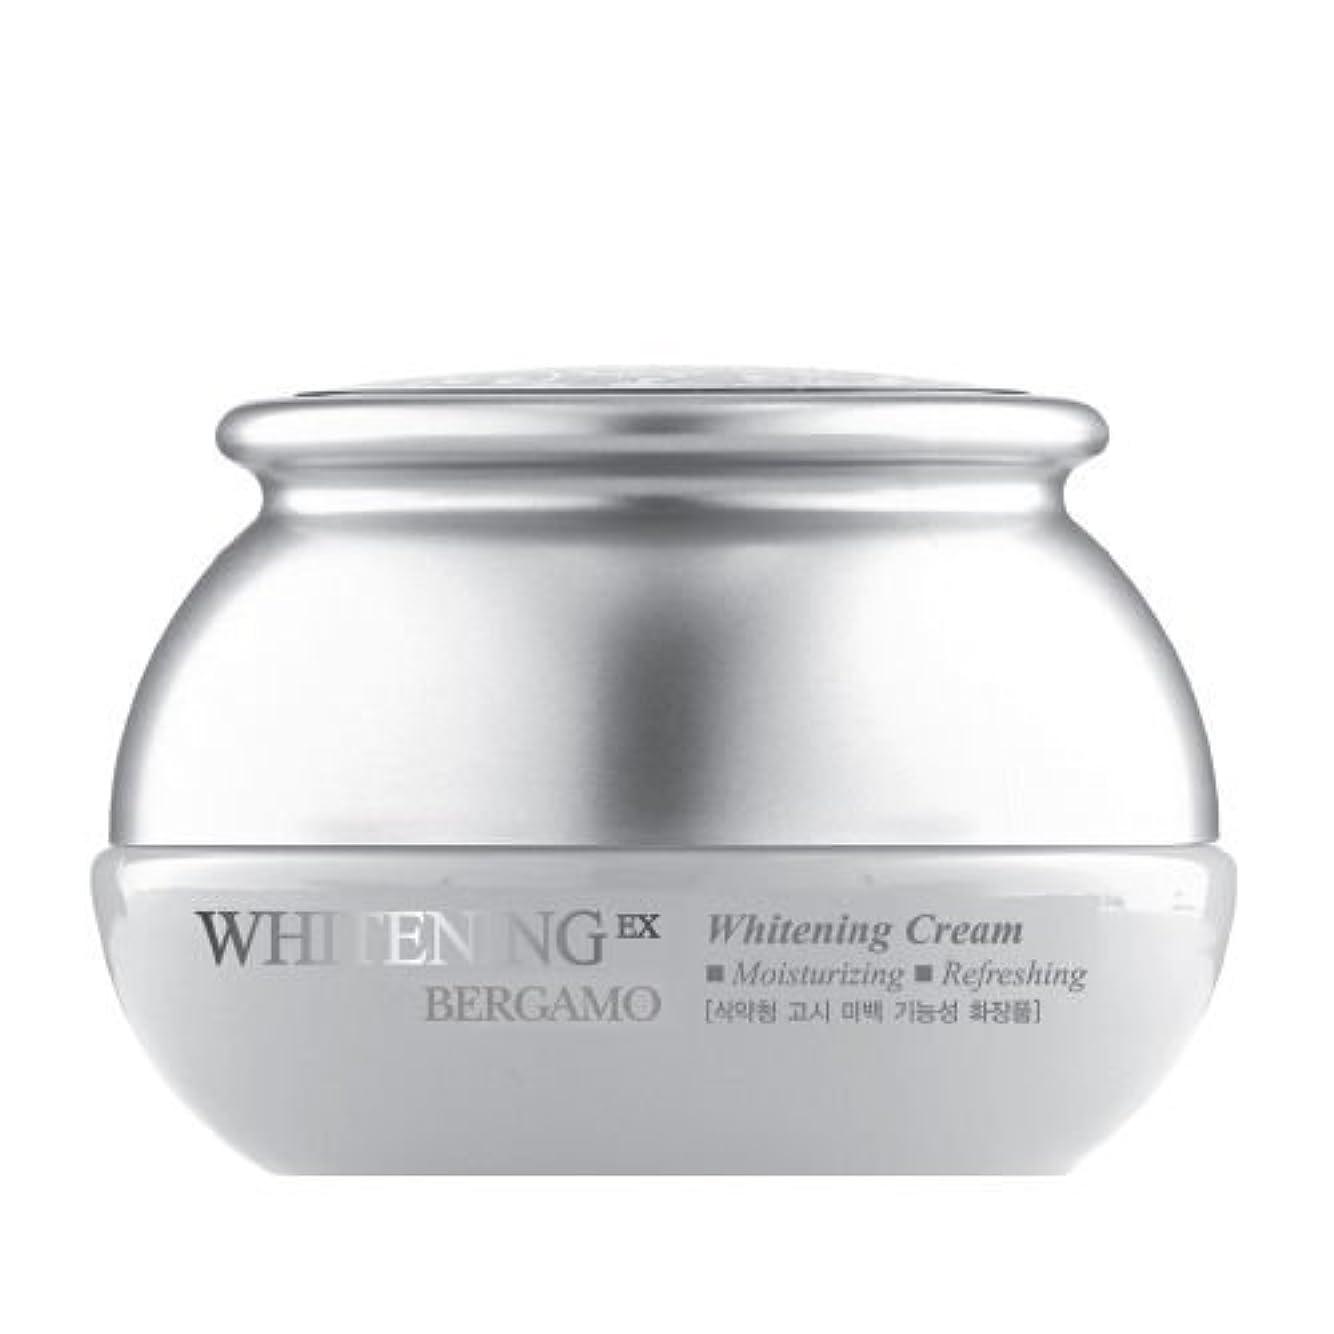 ためらう十年先史時代のベルガモ[韓国コスメBergamo]Whitening EX Wrinkle Care Cream ホワイトニングEXリンクルケアクリーム50ml しわ管理 [並行輸入品]